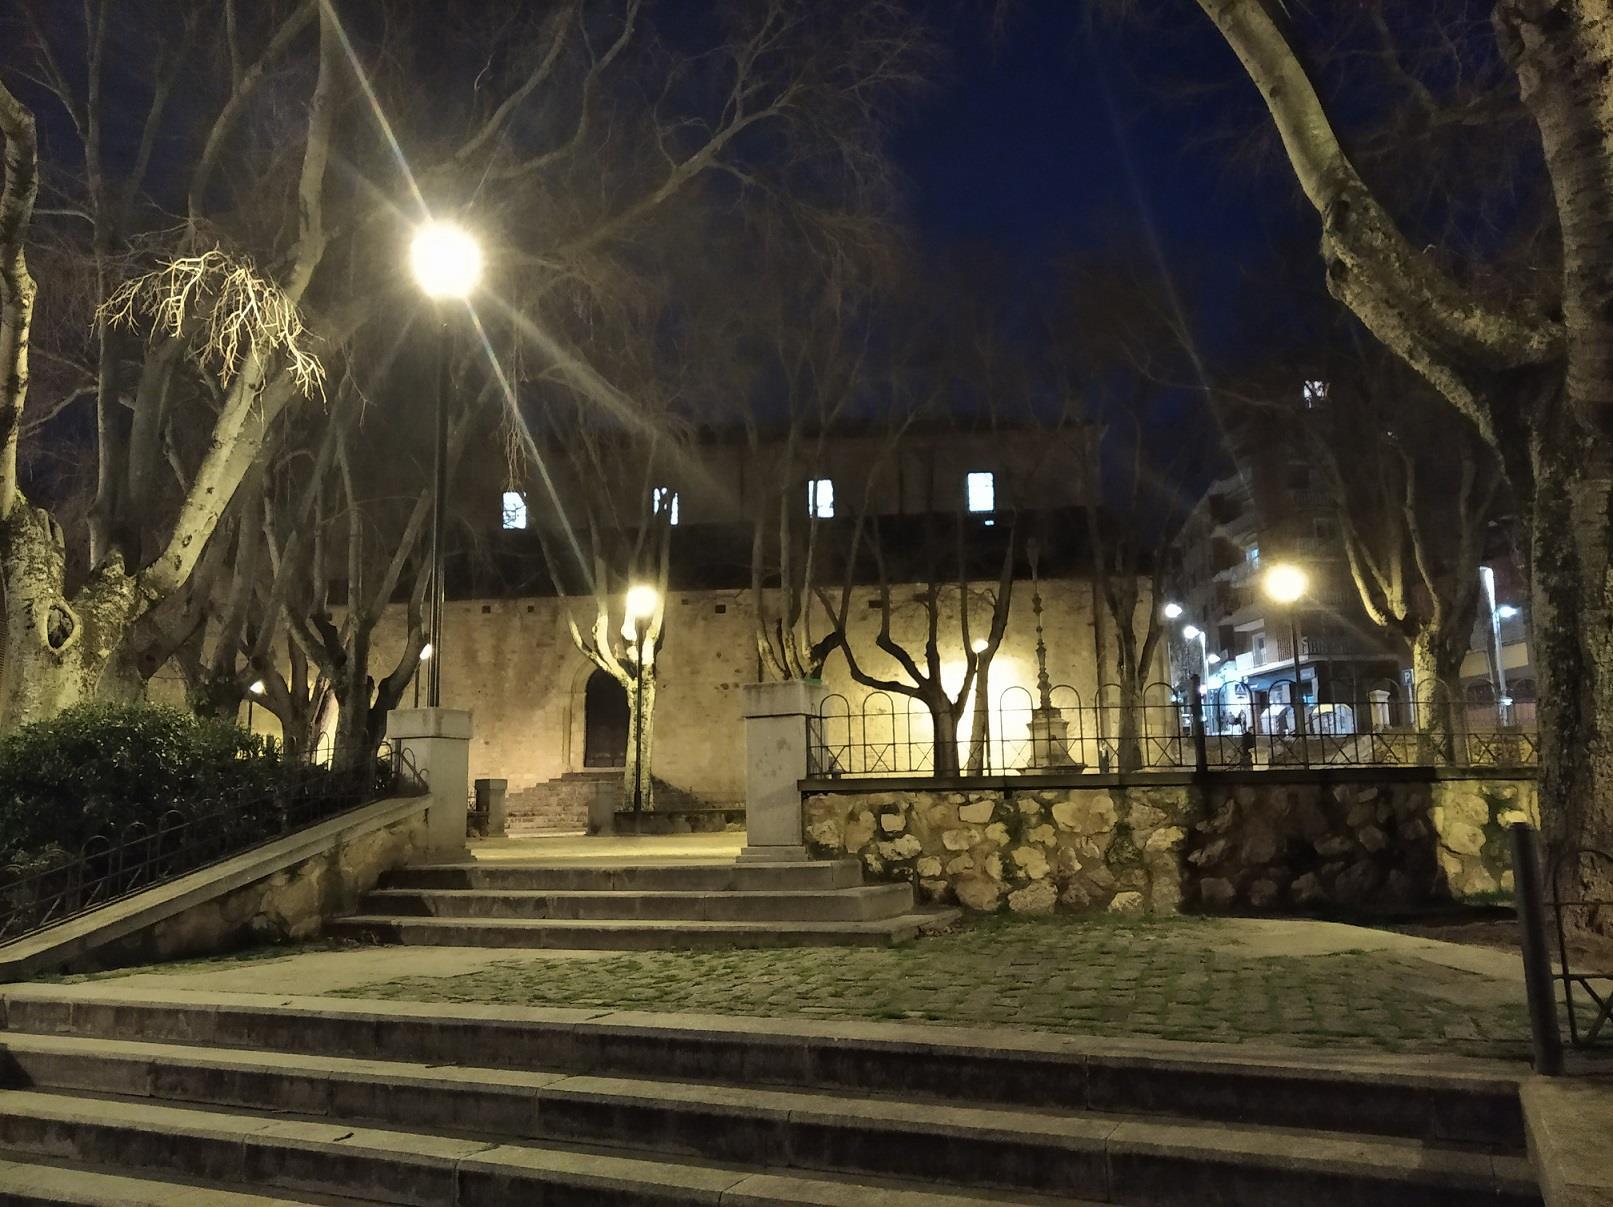 Noche-tematica-en-Segovia:-La-Revuelta-Comunera-3